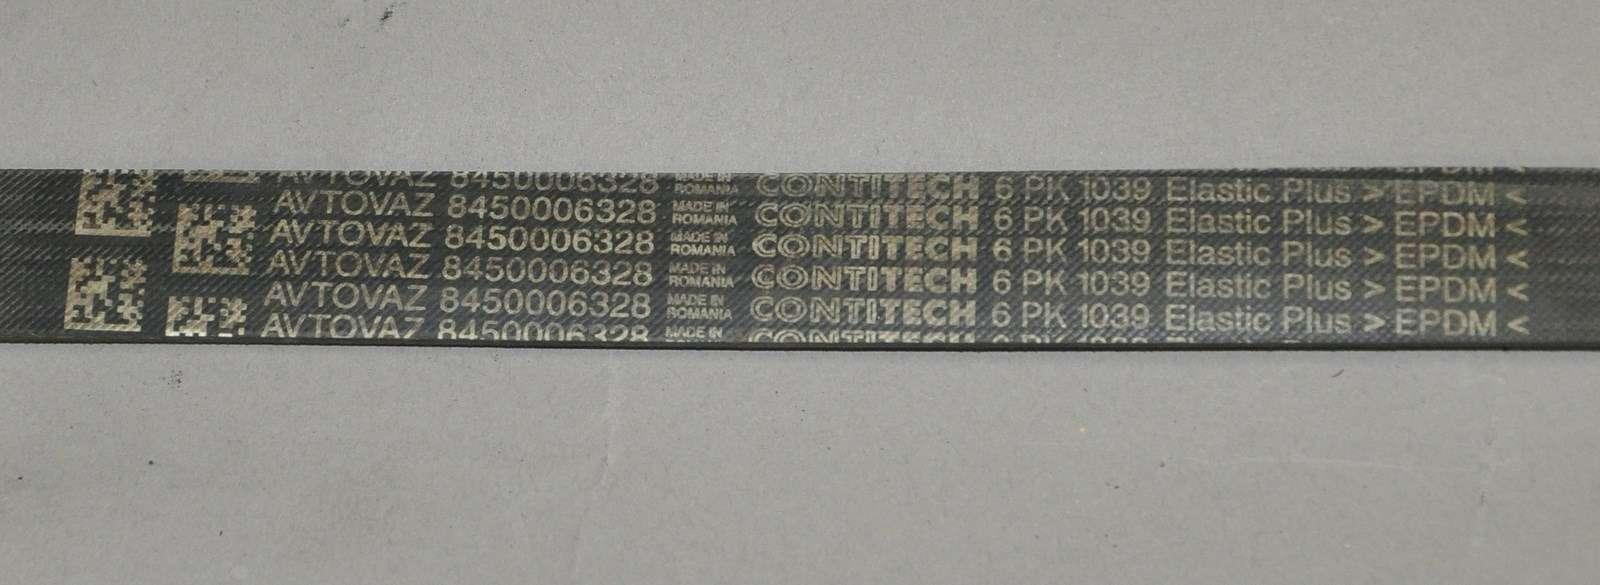 Lada Vesta: проверка изамена ремня привода вспомогательных агрегатов— фото 568602